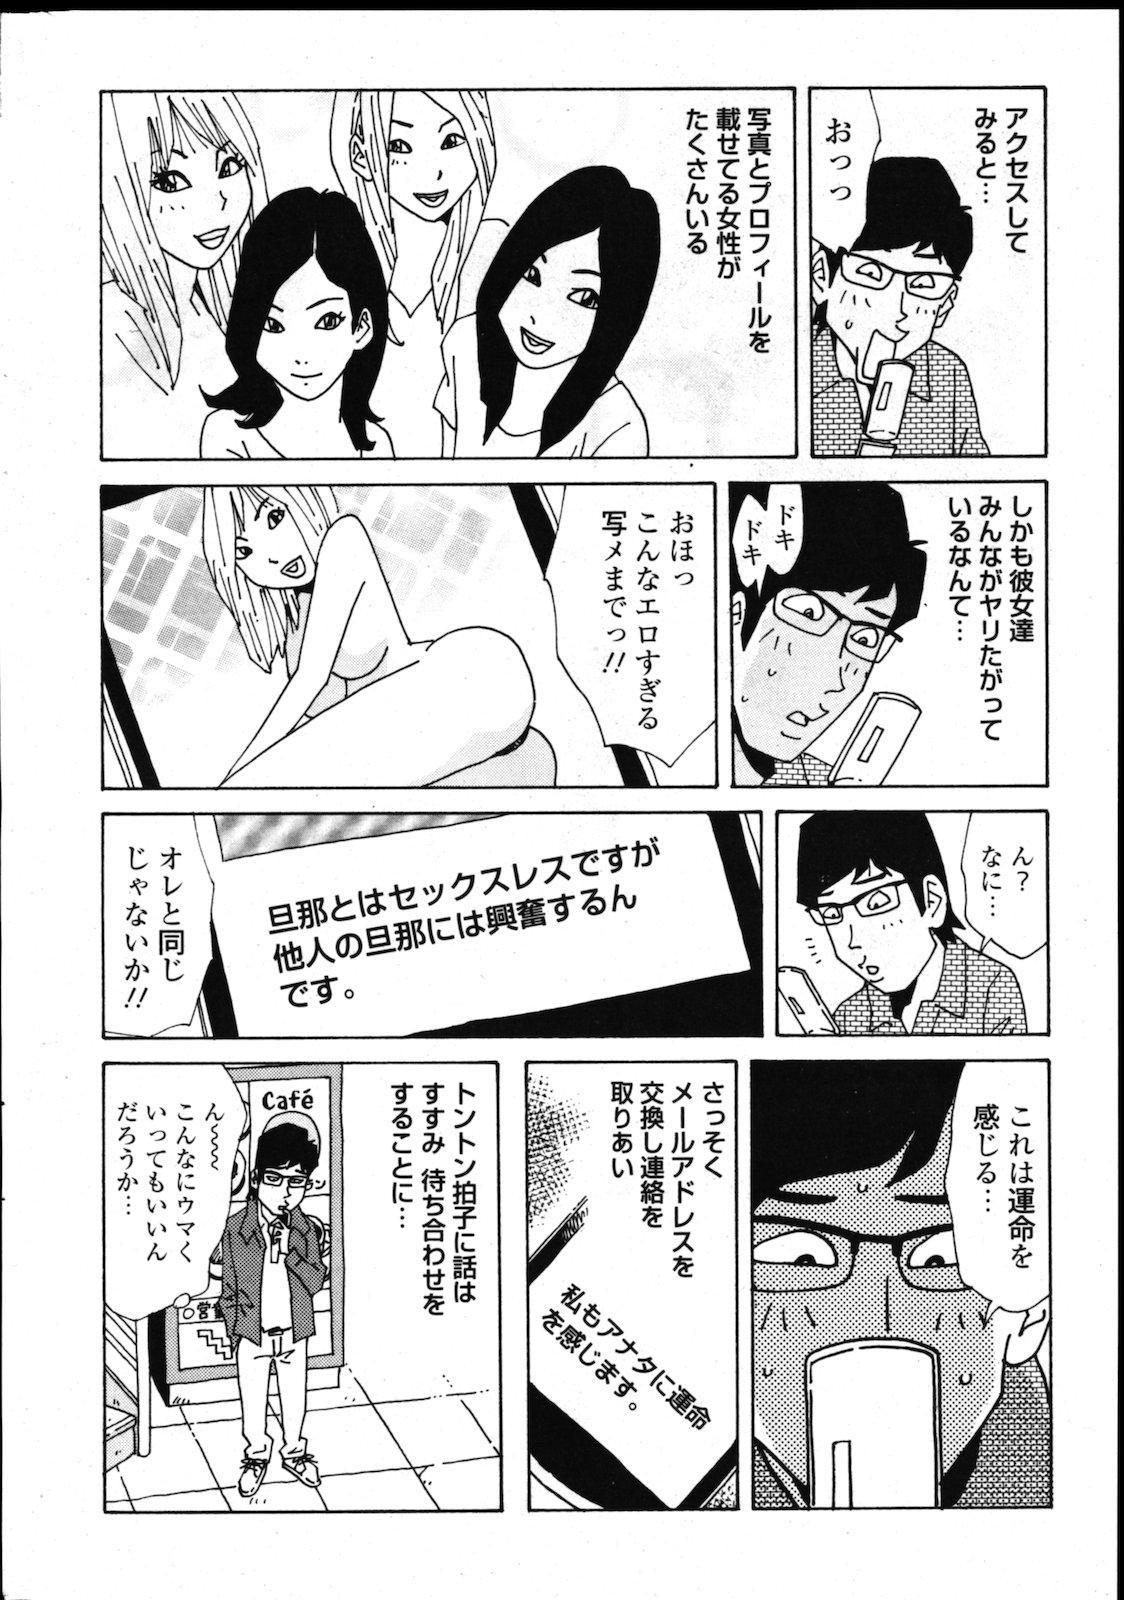 COMIC Shitsurakuten Vol.02 2011-08 249